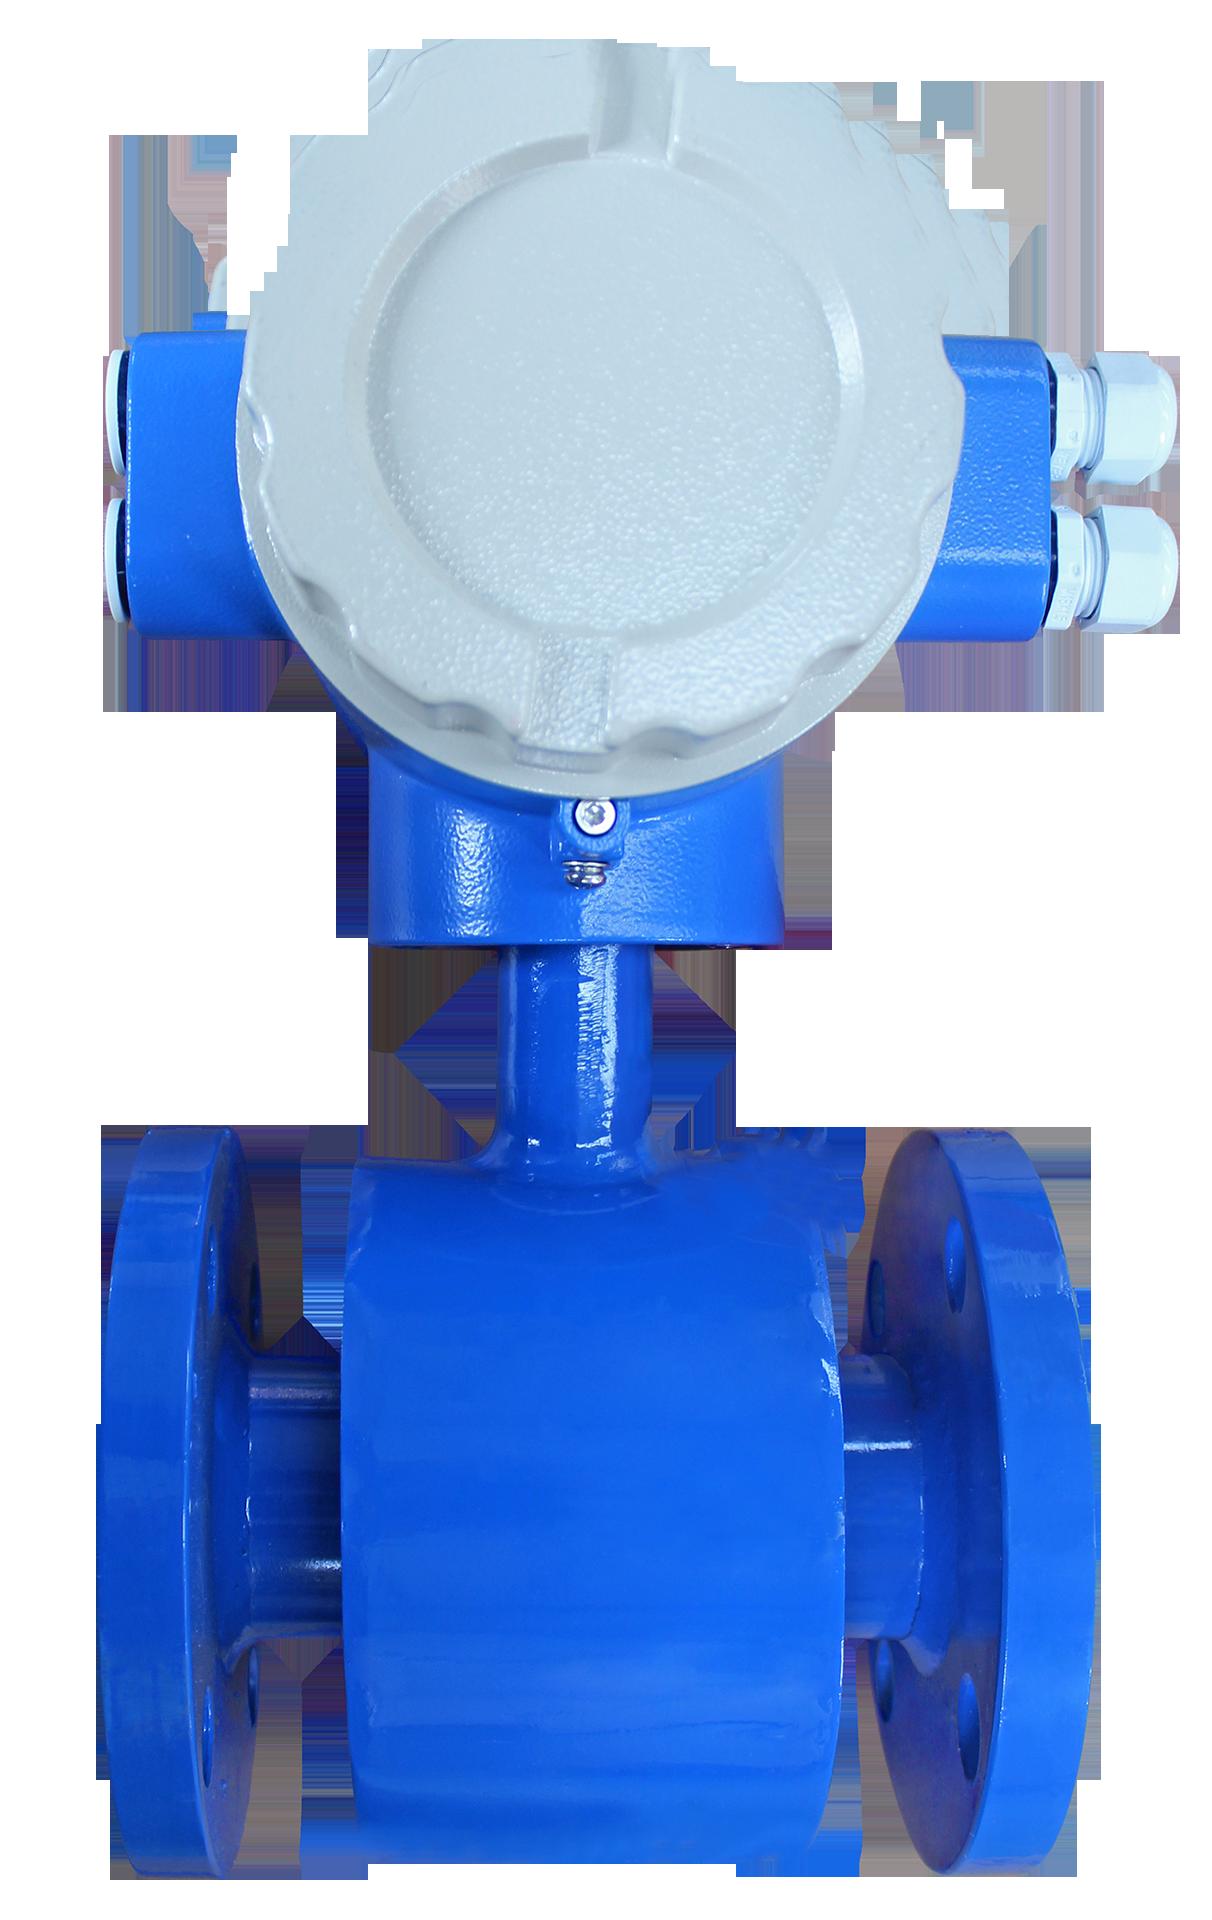 农田灌溉电磁流量计生产厂家-分体式电磁流量计-新乡市东鑫科技有限公司